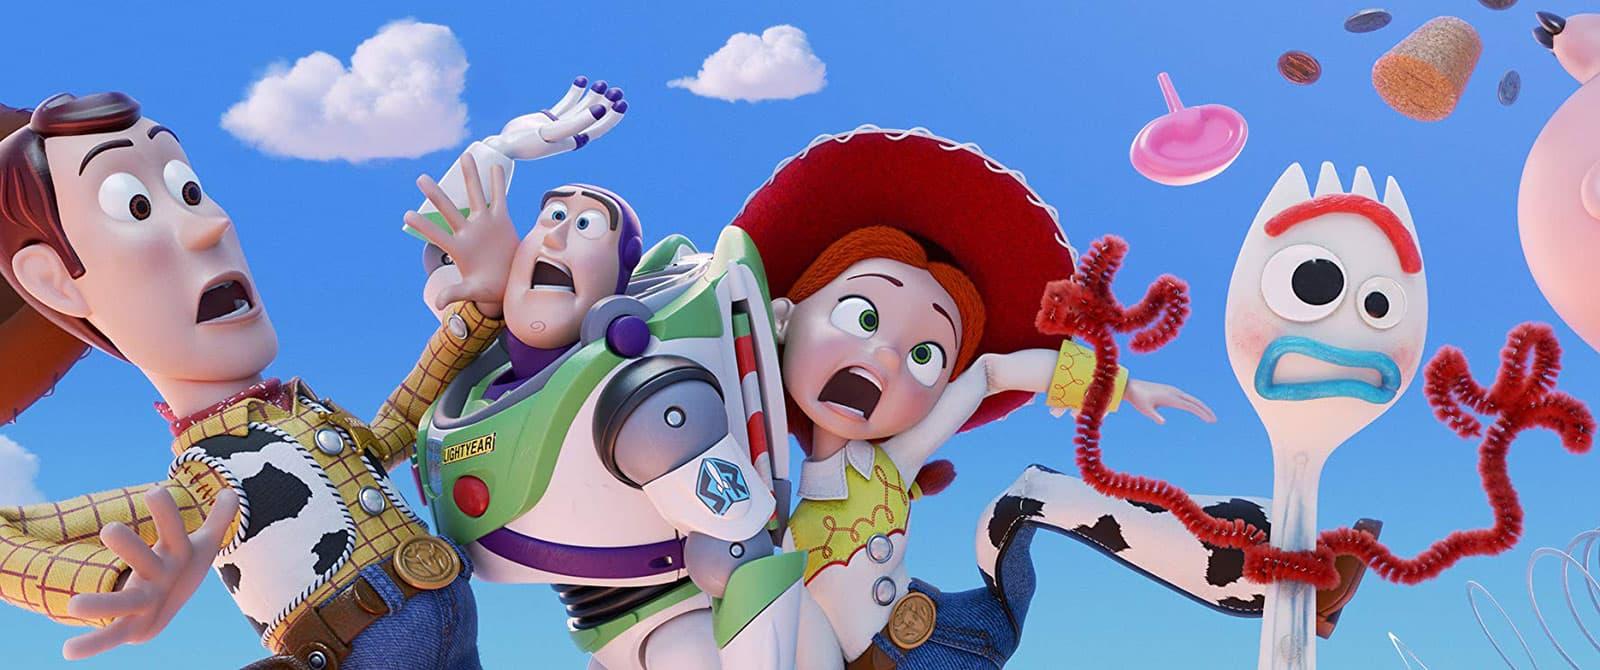 Мультфильм «История игрушек 4»: кто озвучивал и интересные факты